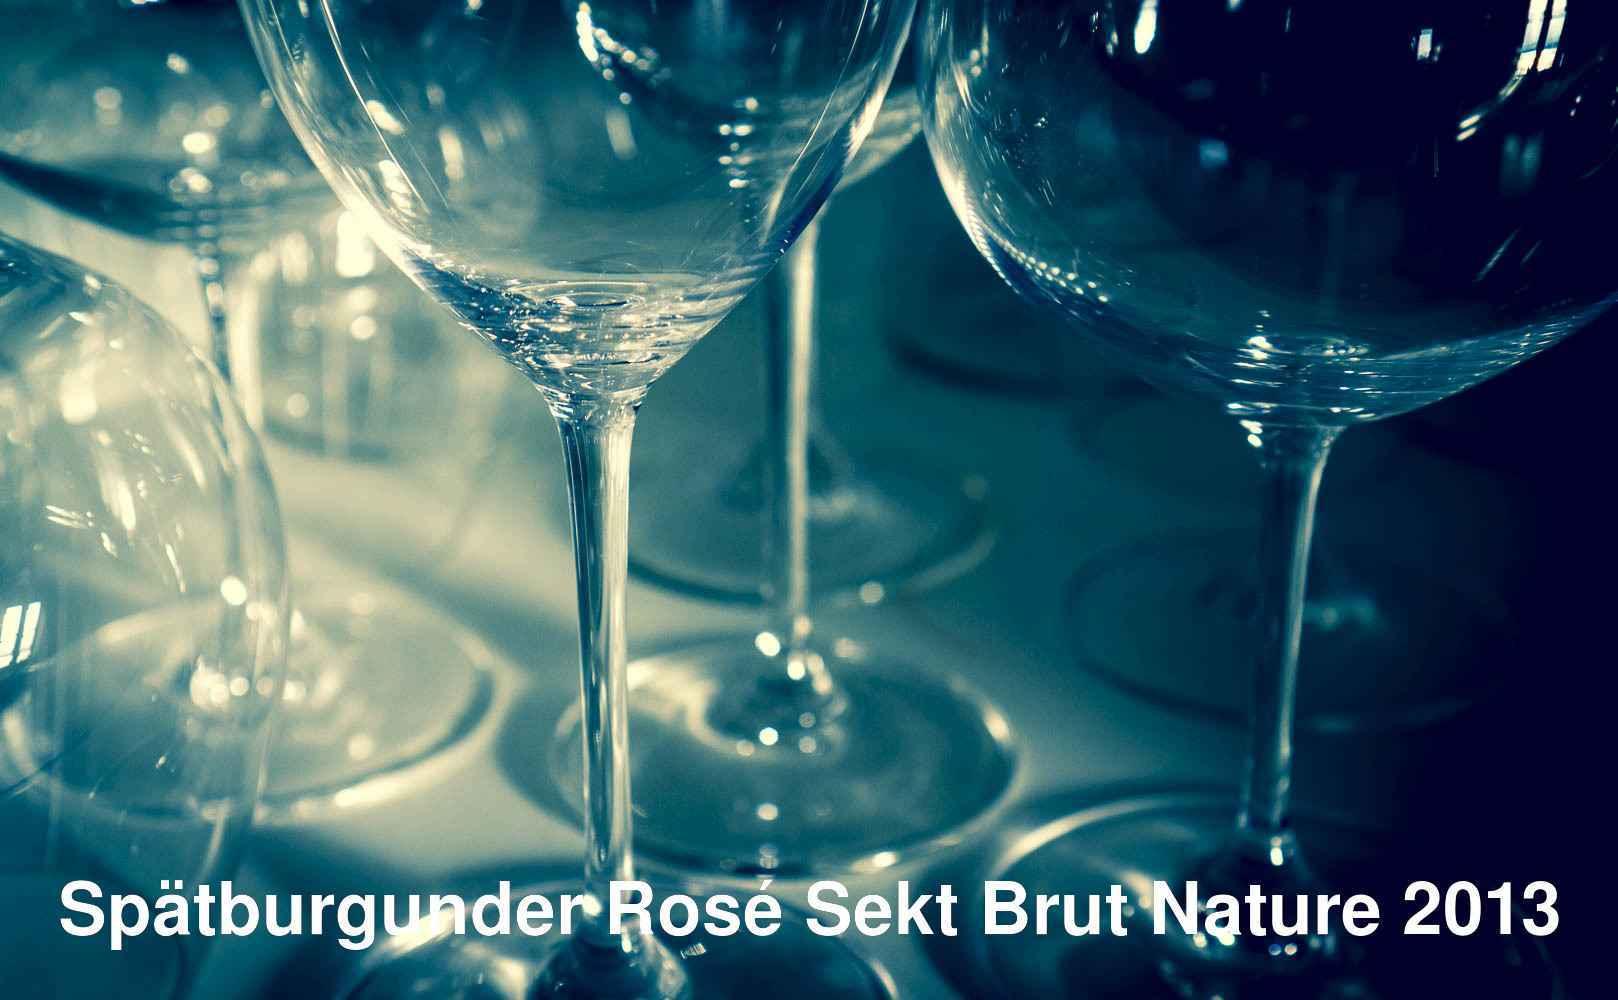 Spätburgunder Rosé Sekt Brut Nature 2013 von J.B. Becker aus Rheingau, Deutschland